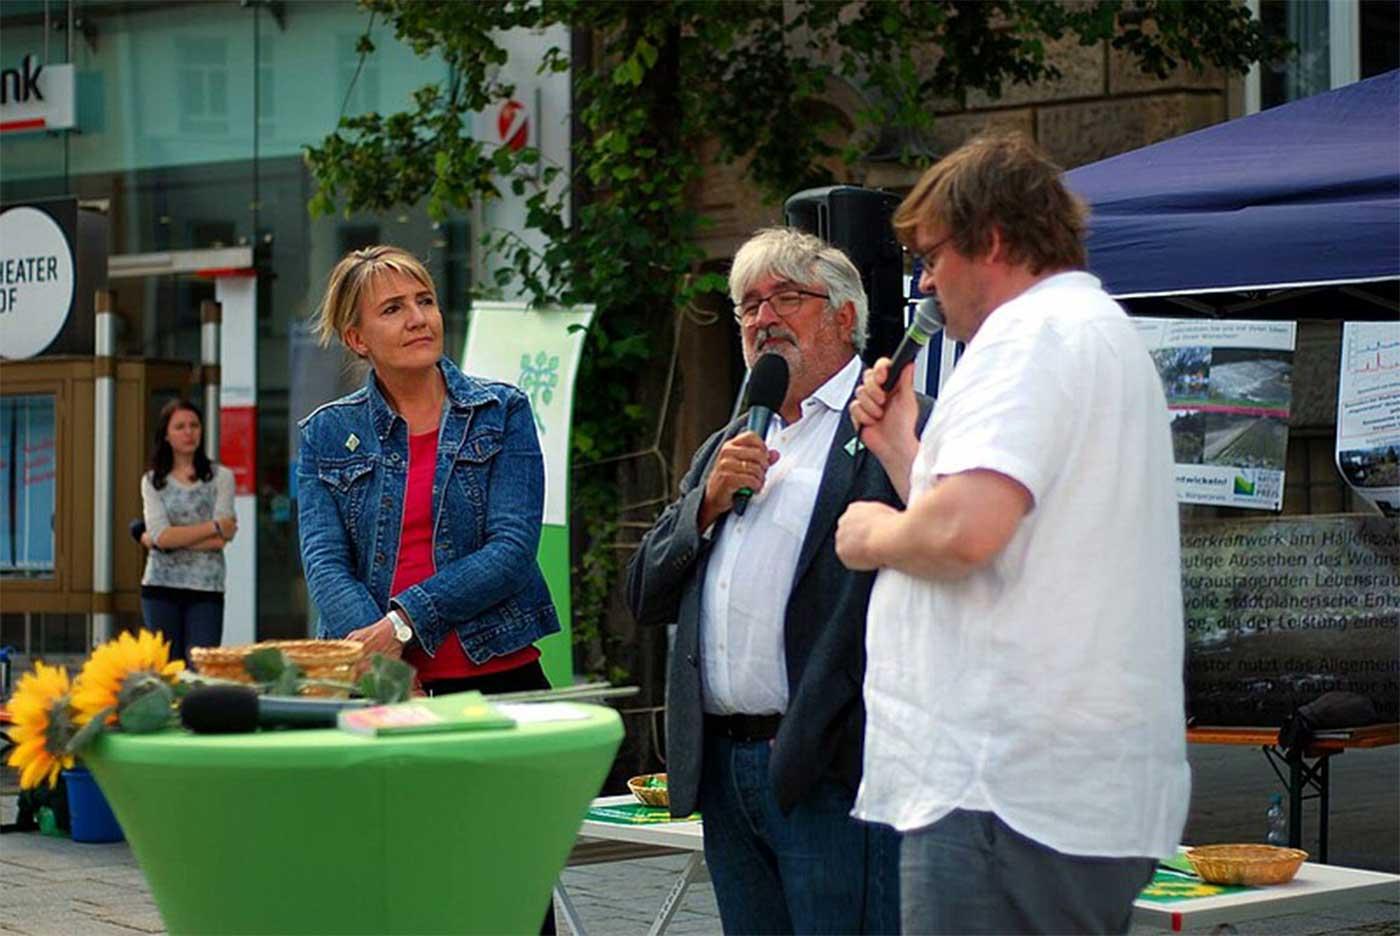 Wahlkampfauftakt in Hof mit Simone Peter und Dr. Klaus Schrader